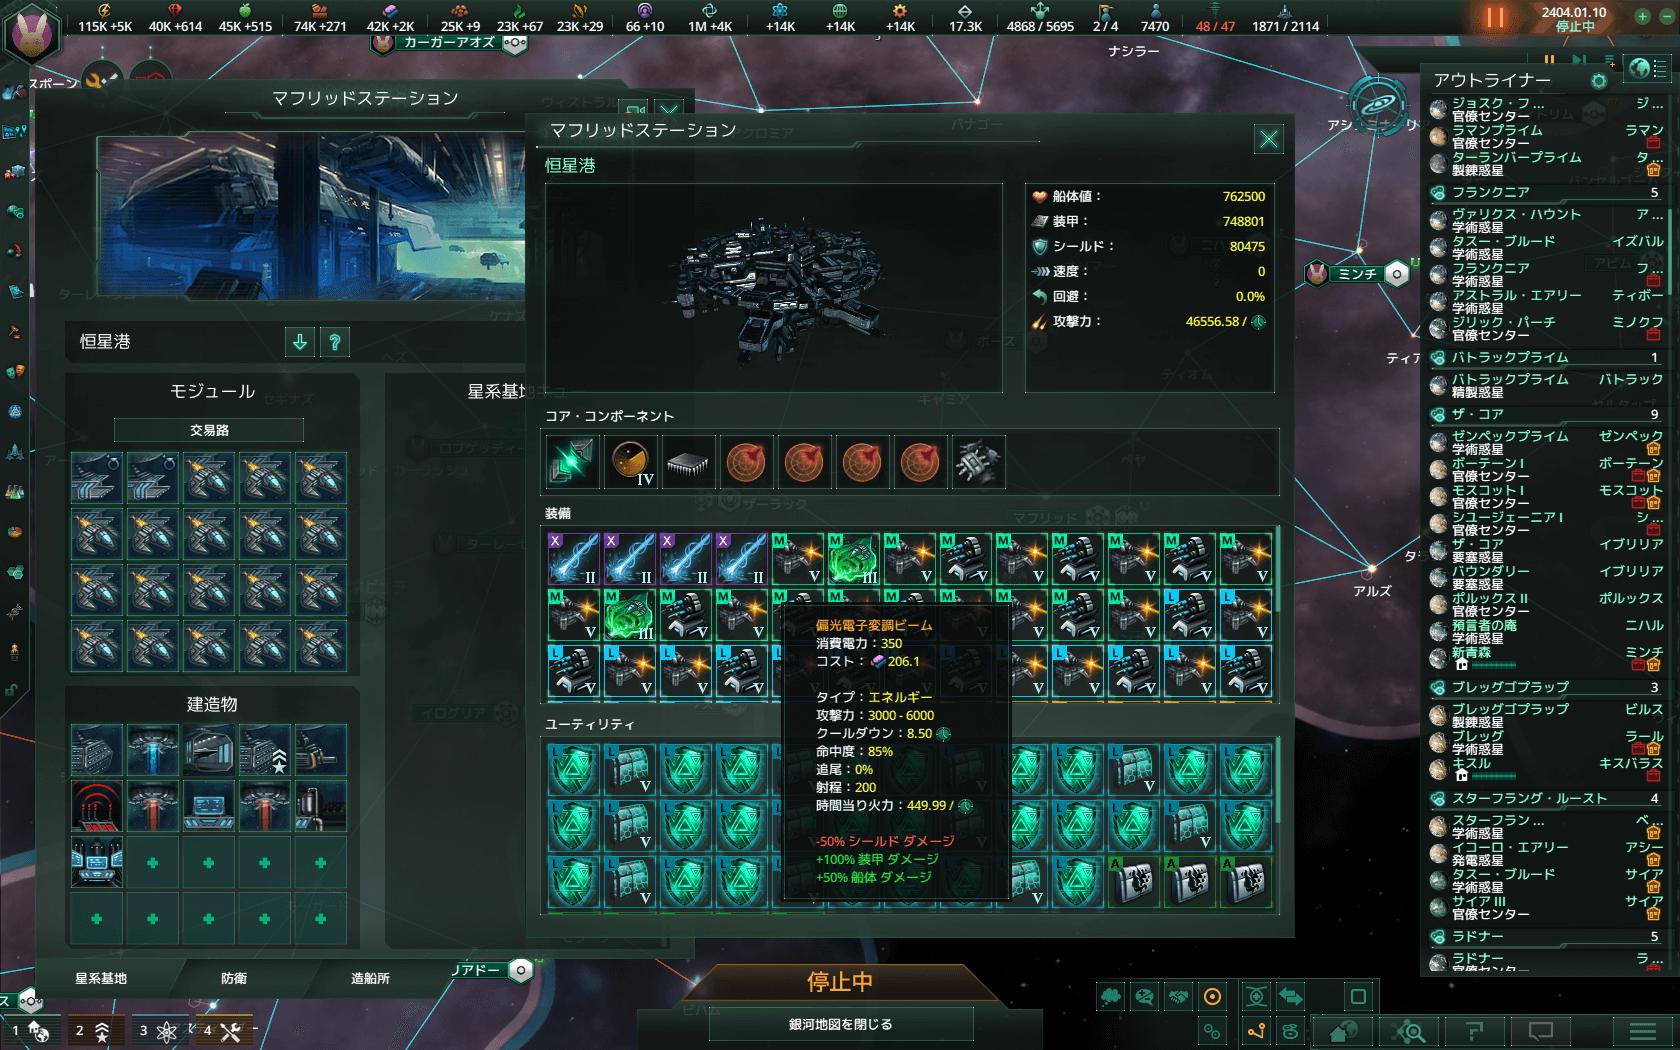 恒星港の装備